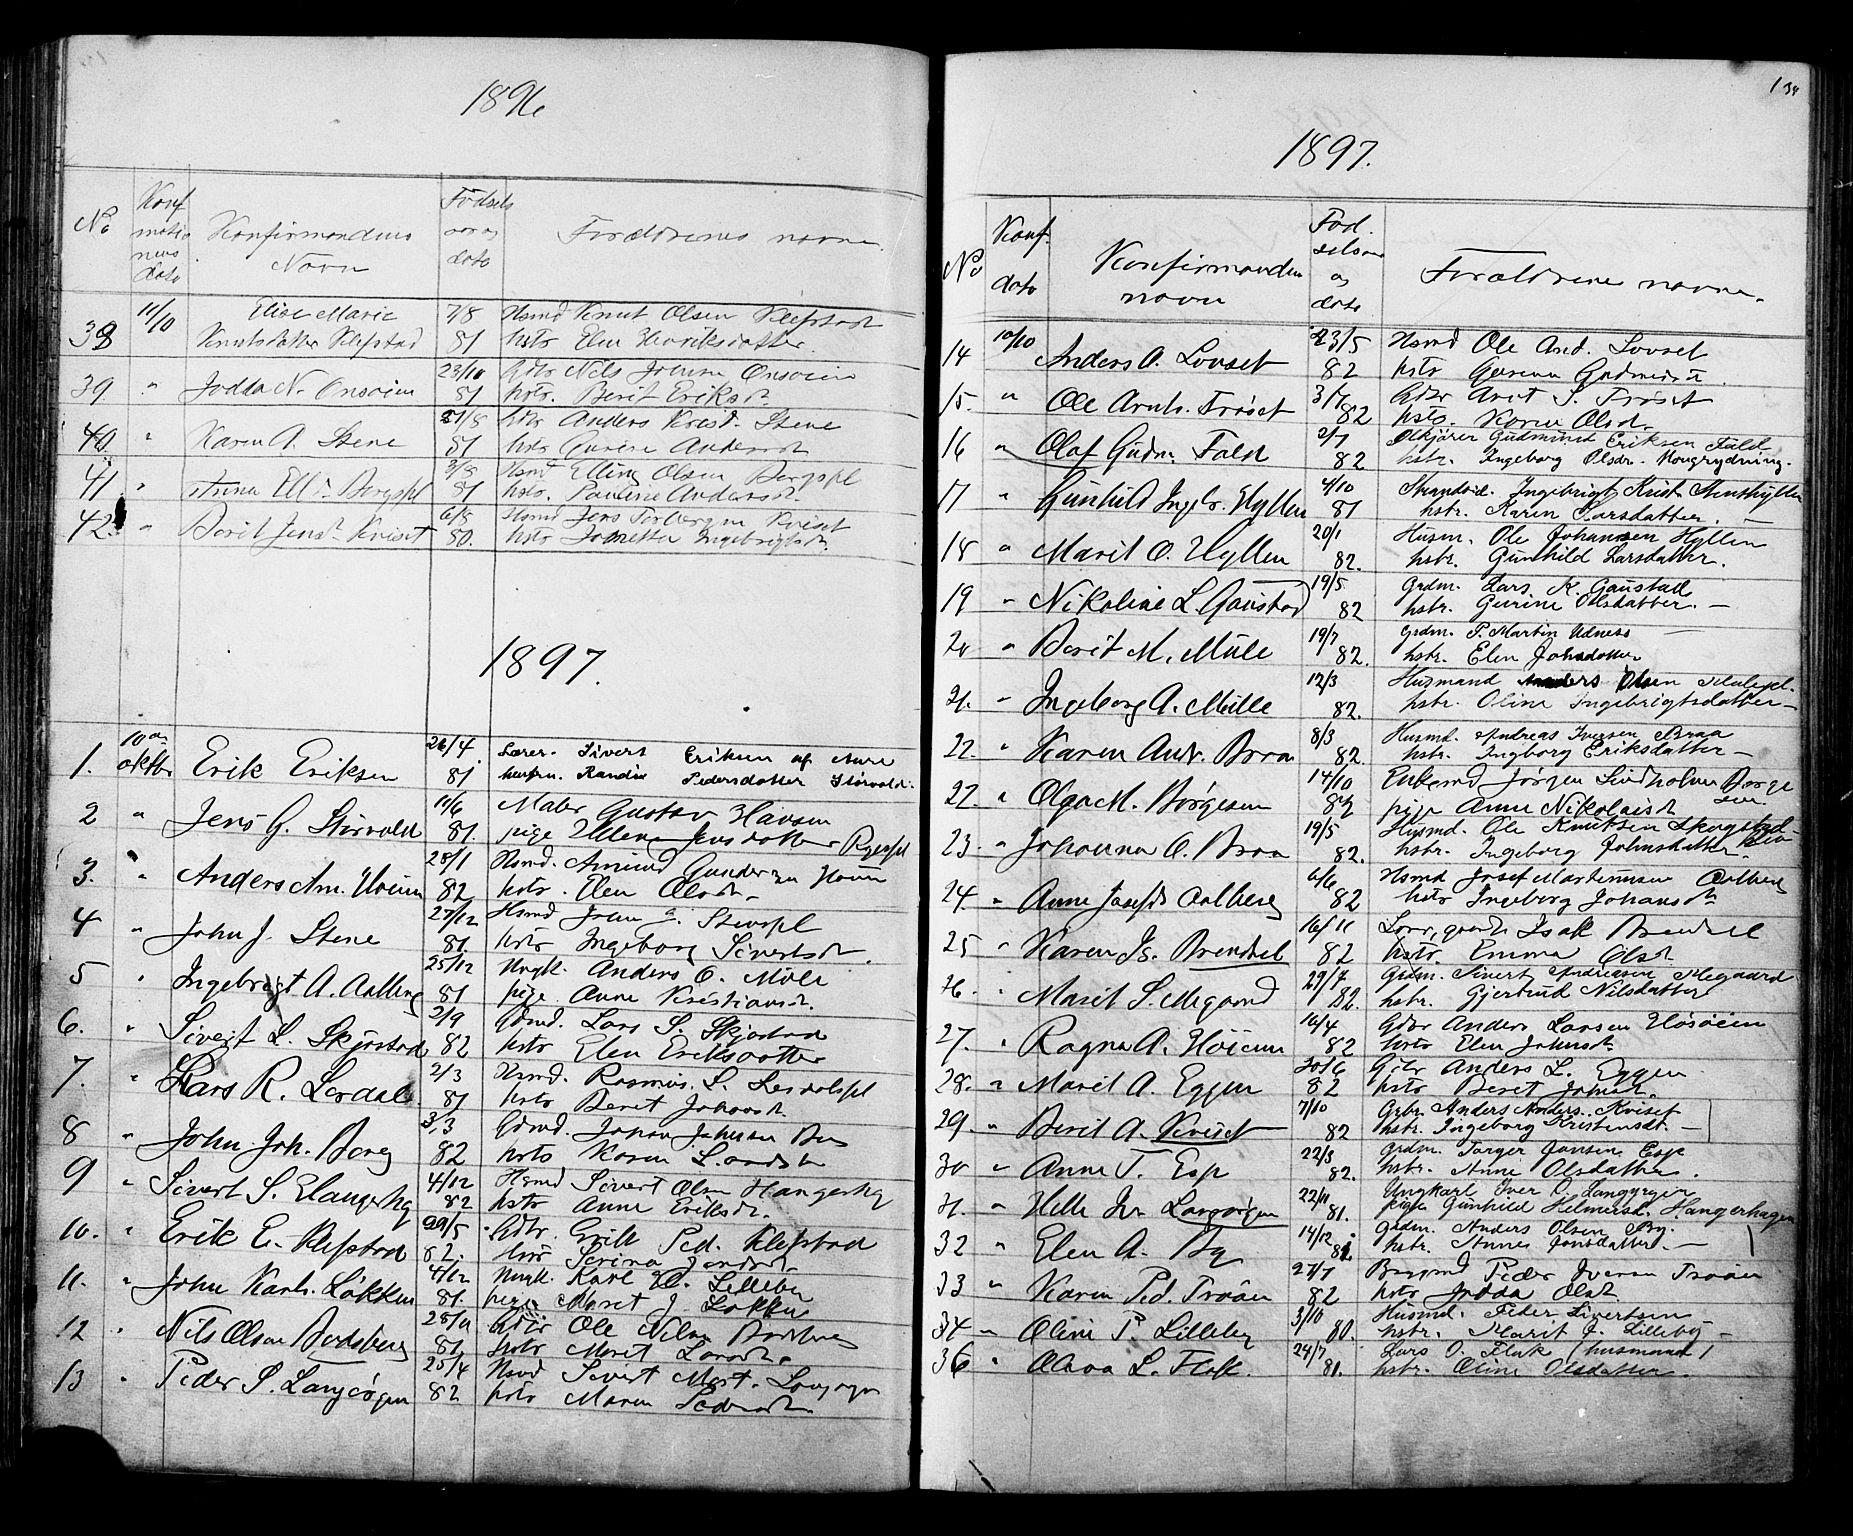 SAT, Ministerialprotokoller, klokkerbøker og fødselsregistre - Sør-Trøndelag, 612/L0387: Klokkerbok nr. 612C03, 1874-1908, s. 134